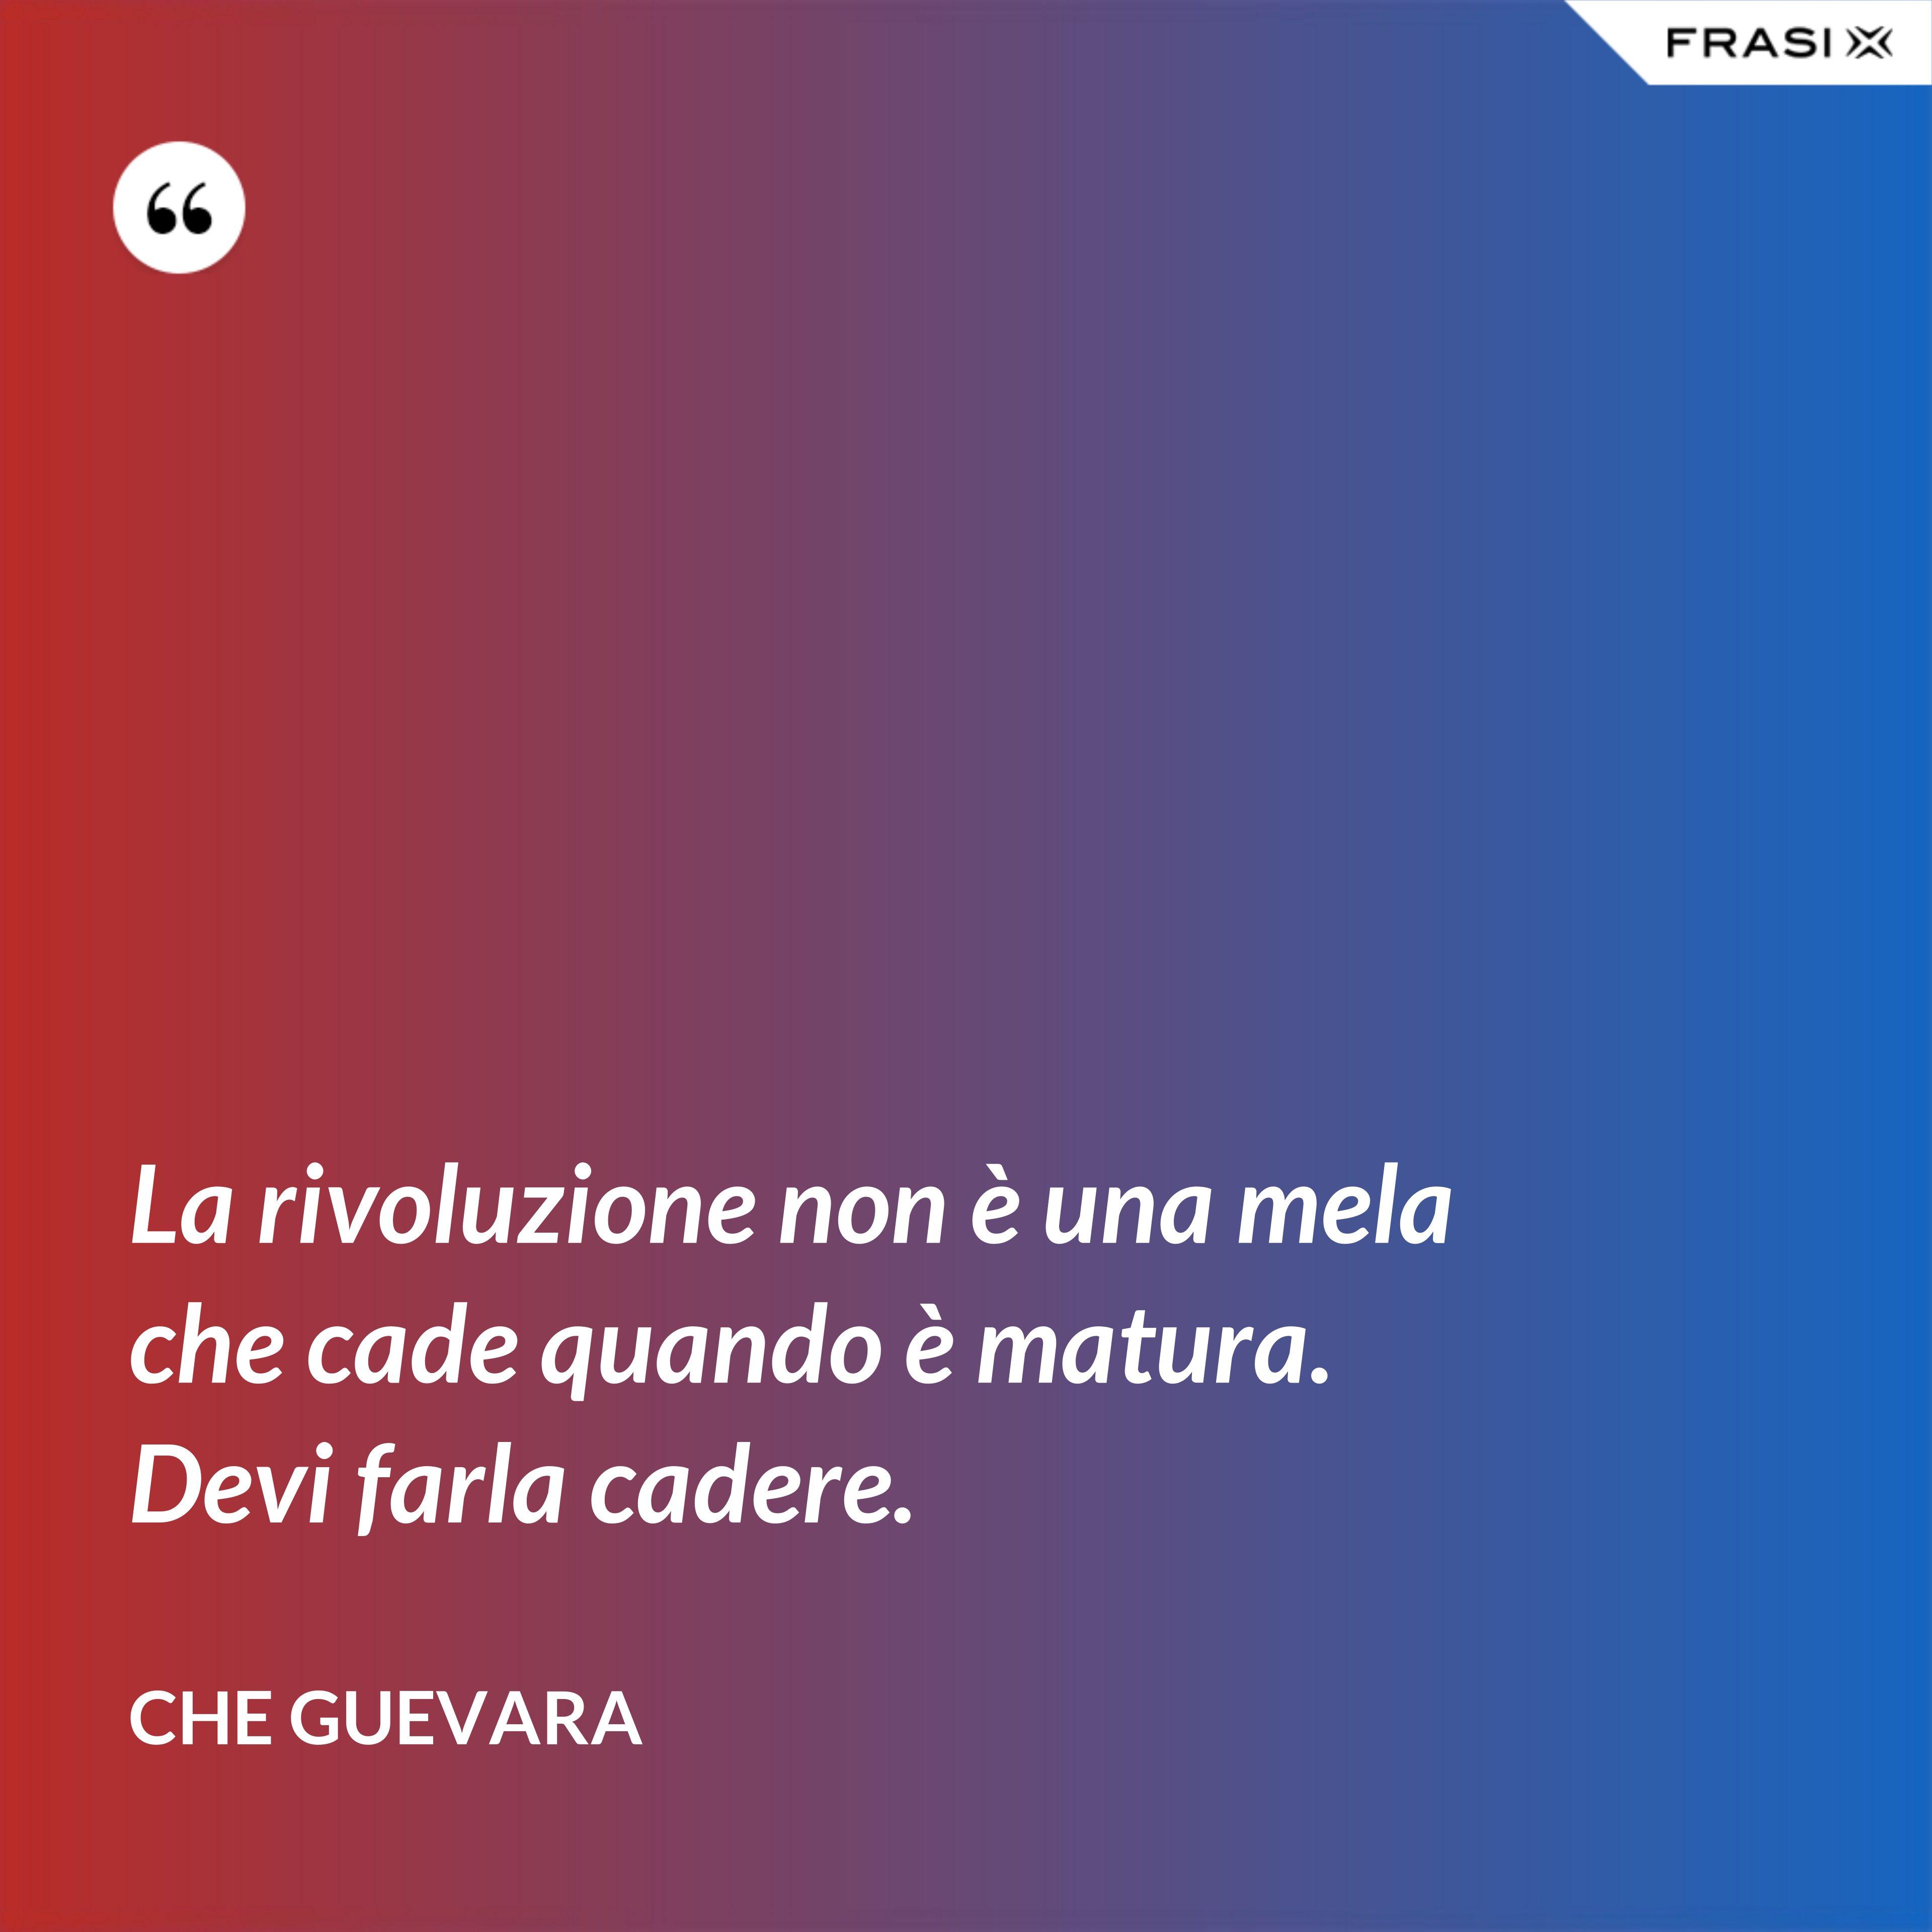 La rivoluzione non è una mela che cade quando è matura. Devi farla cadere. - Che Guevara